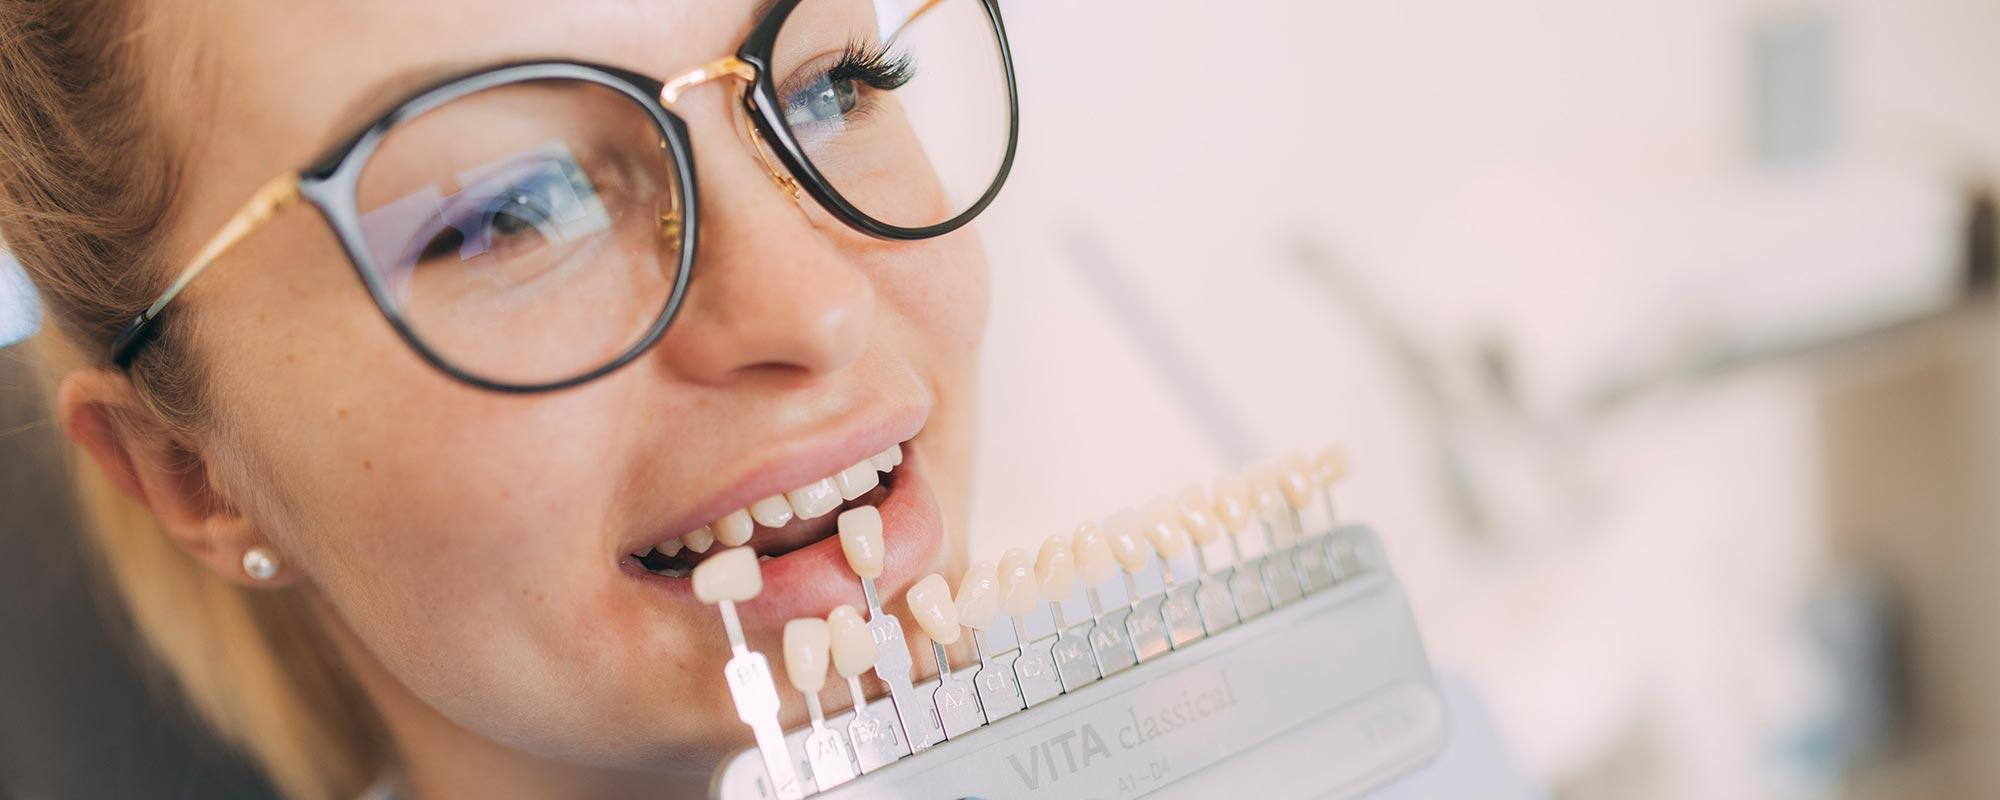 Veneers für blendend schöne Zähne aus Baden-Baden.